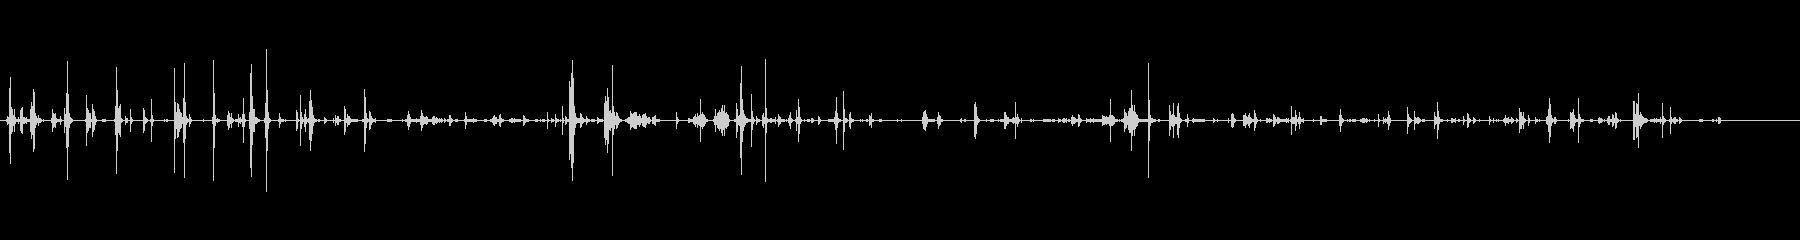 ヘビーメタルの動き:さまざまなメタ...の未再生の波形